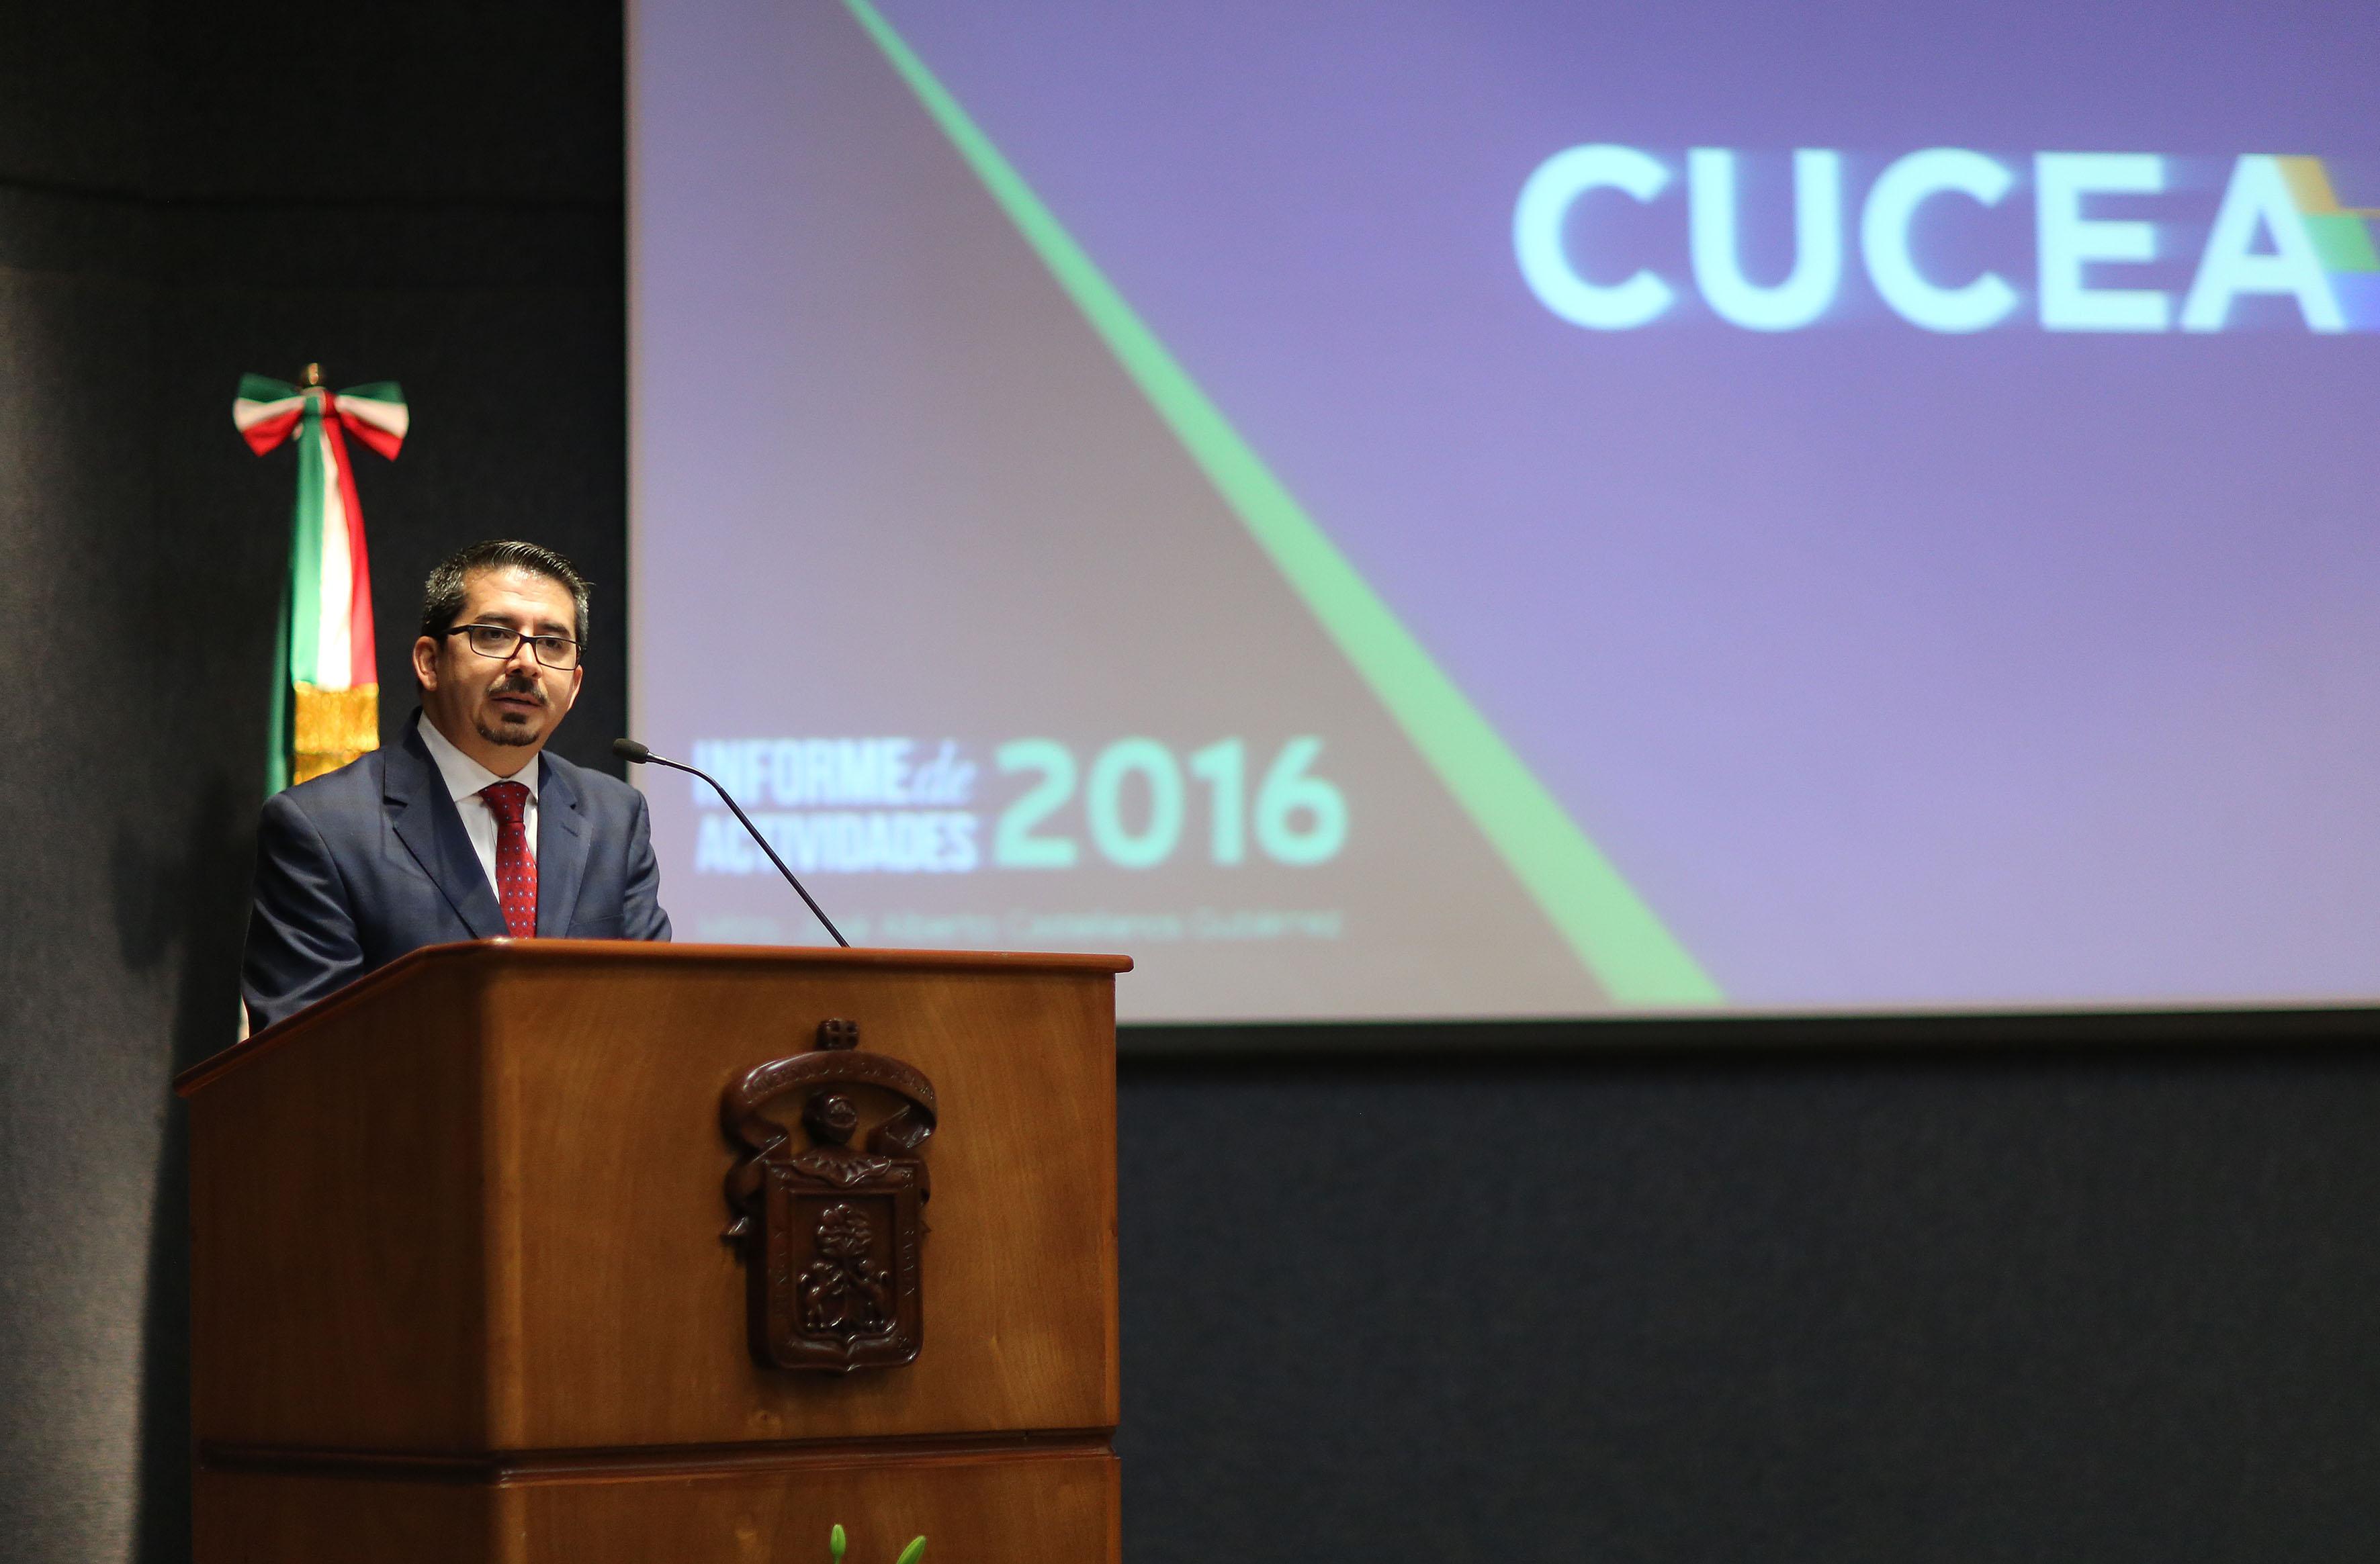 Maestro José Alberto Castellanos Gutiérrez, Rector del Centro Universitario de Ciencias Económico Administrativas (CUCEA), presentando su Informe de Actividades del 2016.